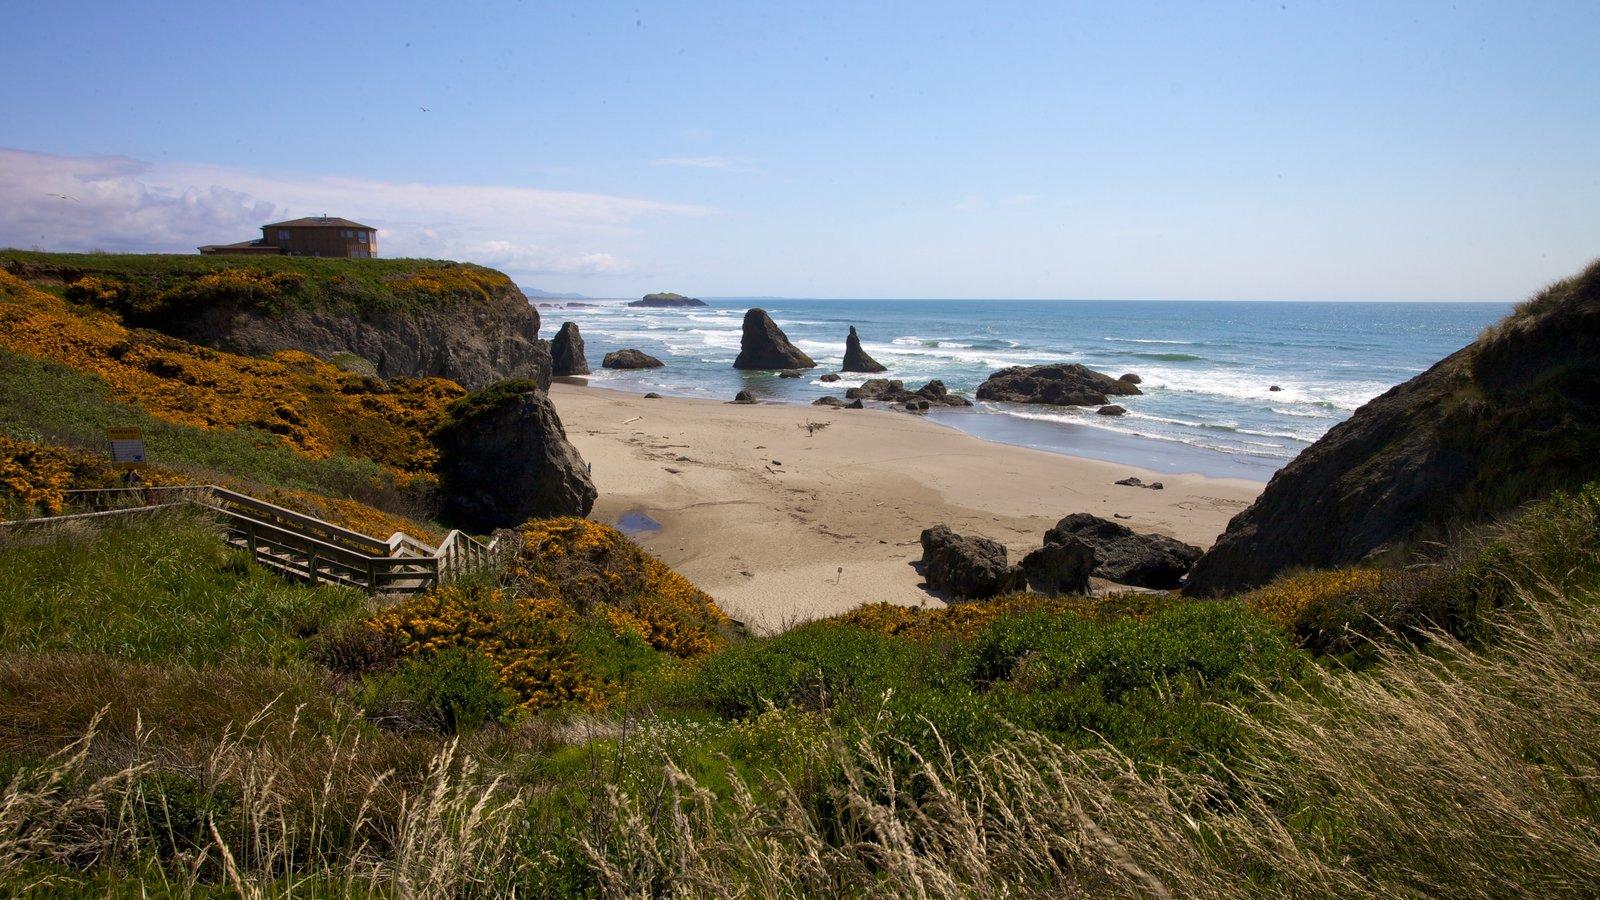 Bandon que inclui uma praia e paisagem